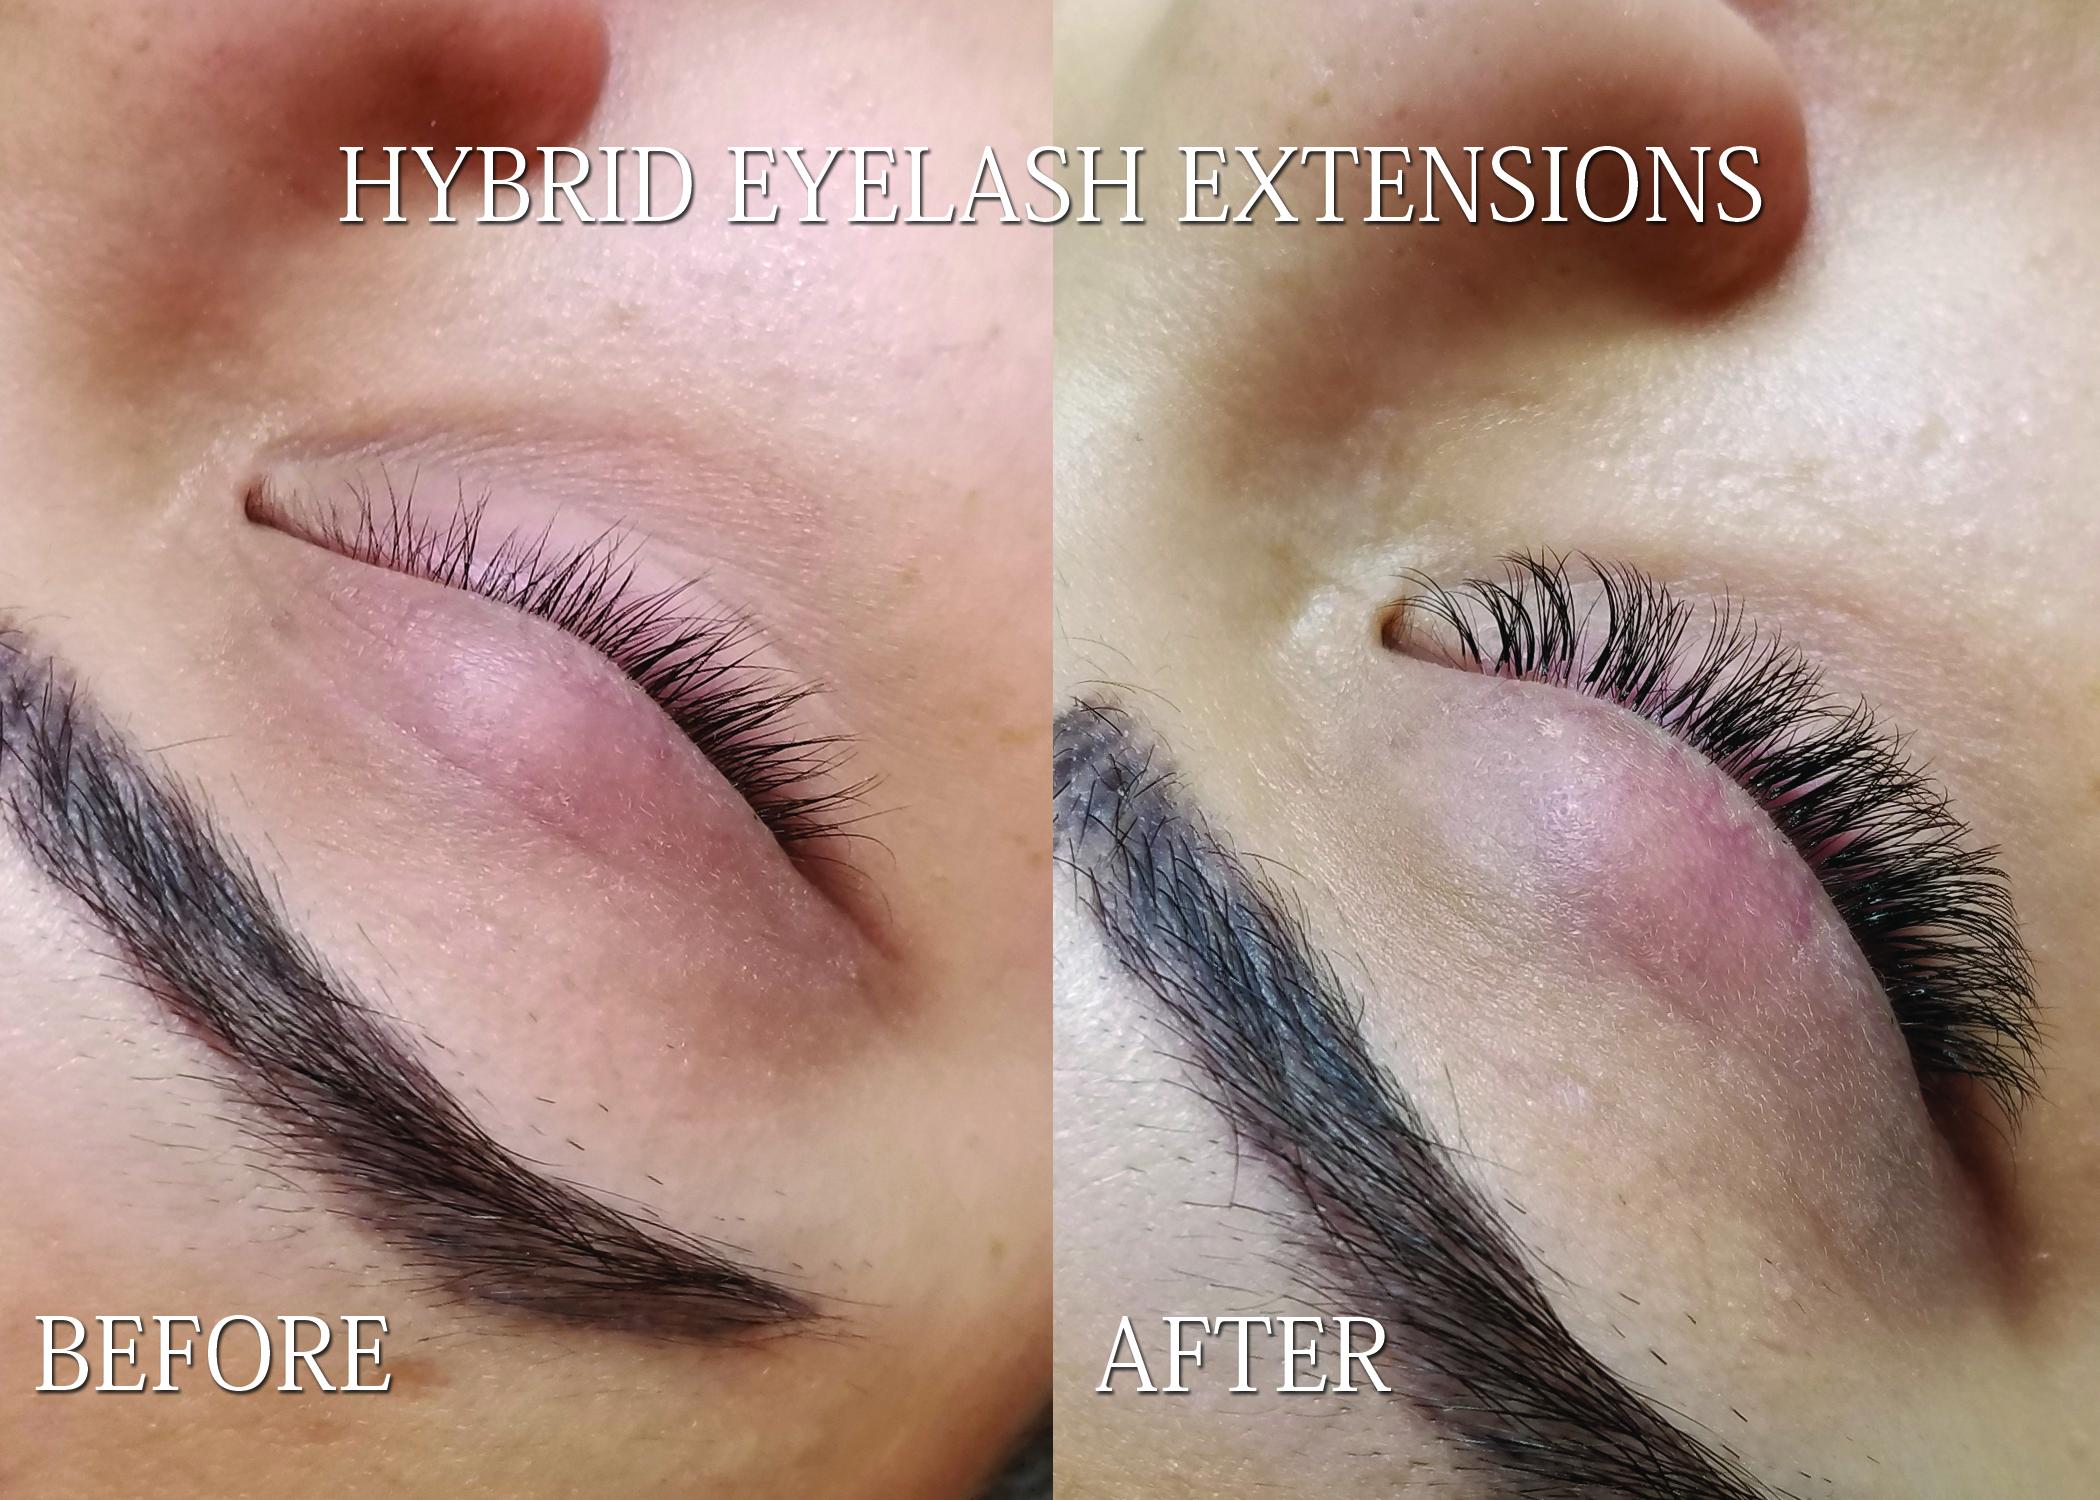 HybridEyelashExtensions2.jpg